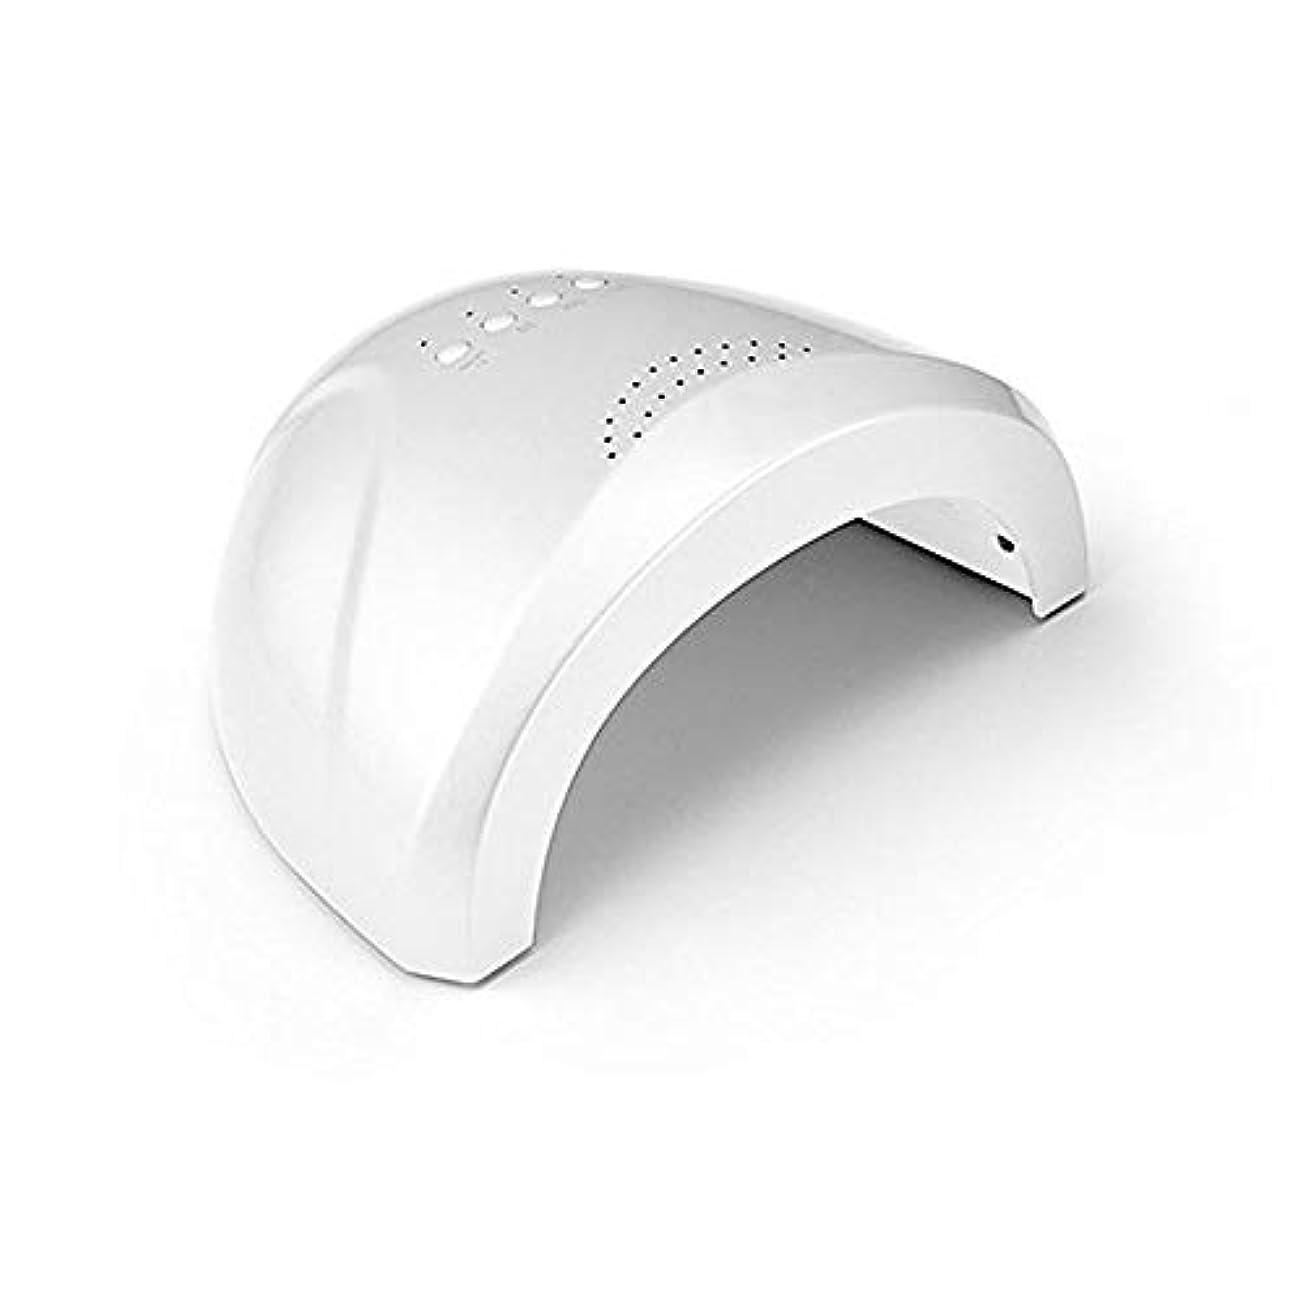 コットン突き出す留まるLED UVネイルドライヤーホワイトライトネイルランプ高速硬化3タイマー設定5 s / 30 s / 60 s爪&足の爪のネイルアートサロンツールの自動センサーマシン